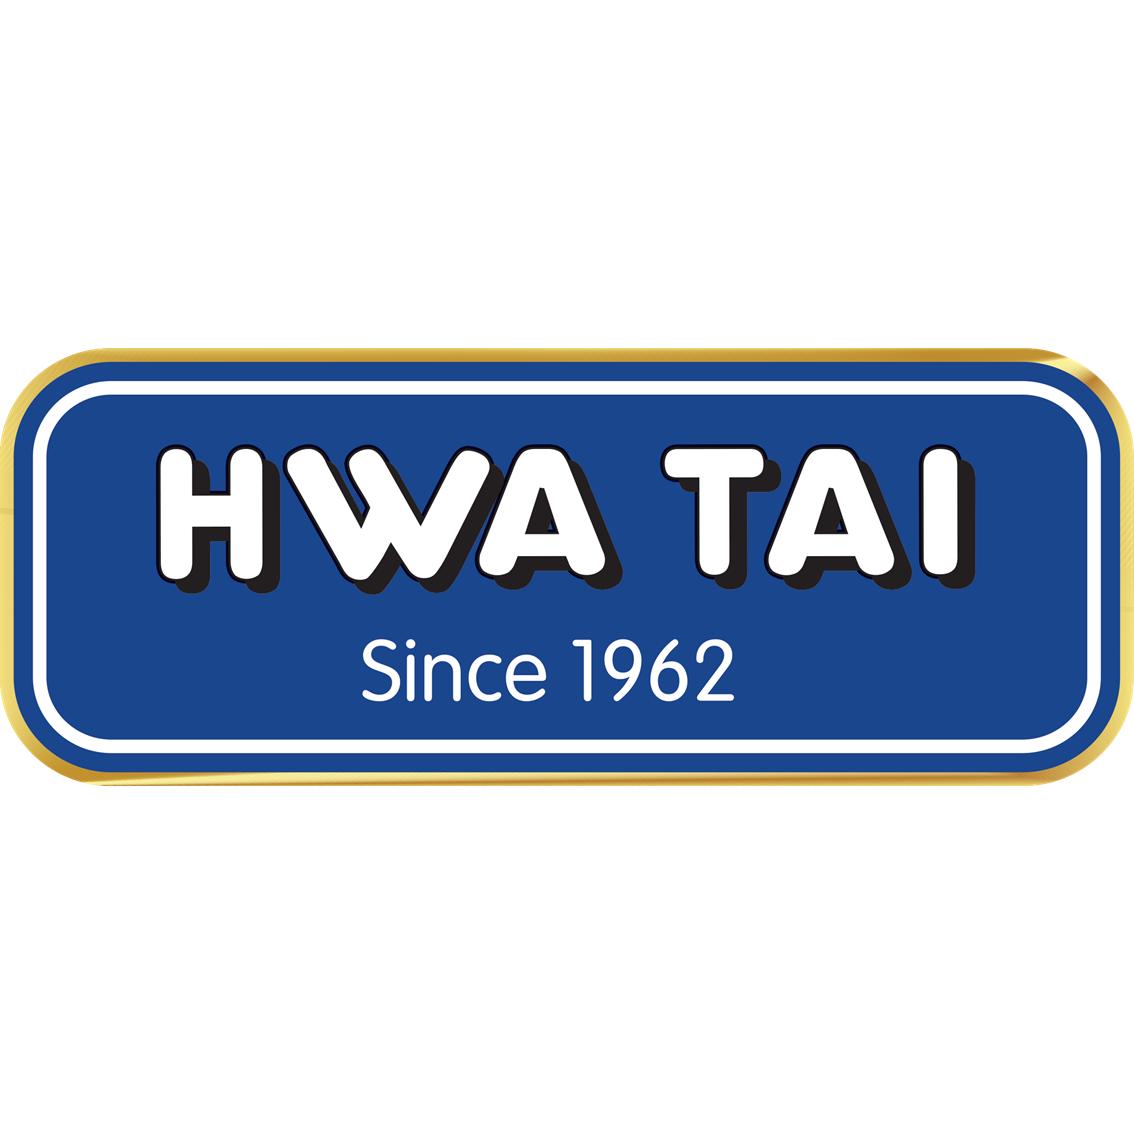 Hwa Tai